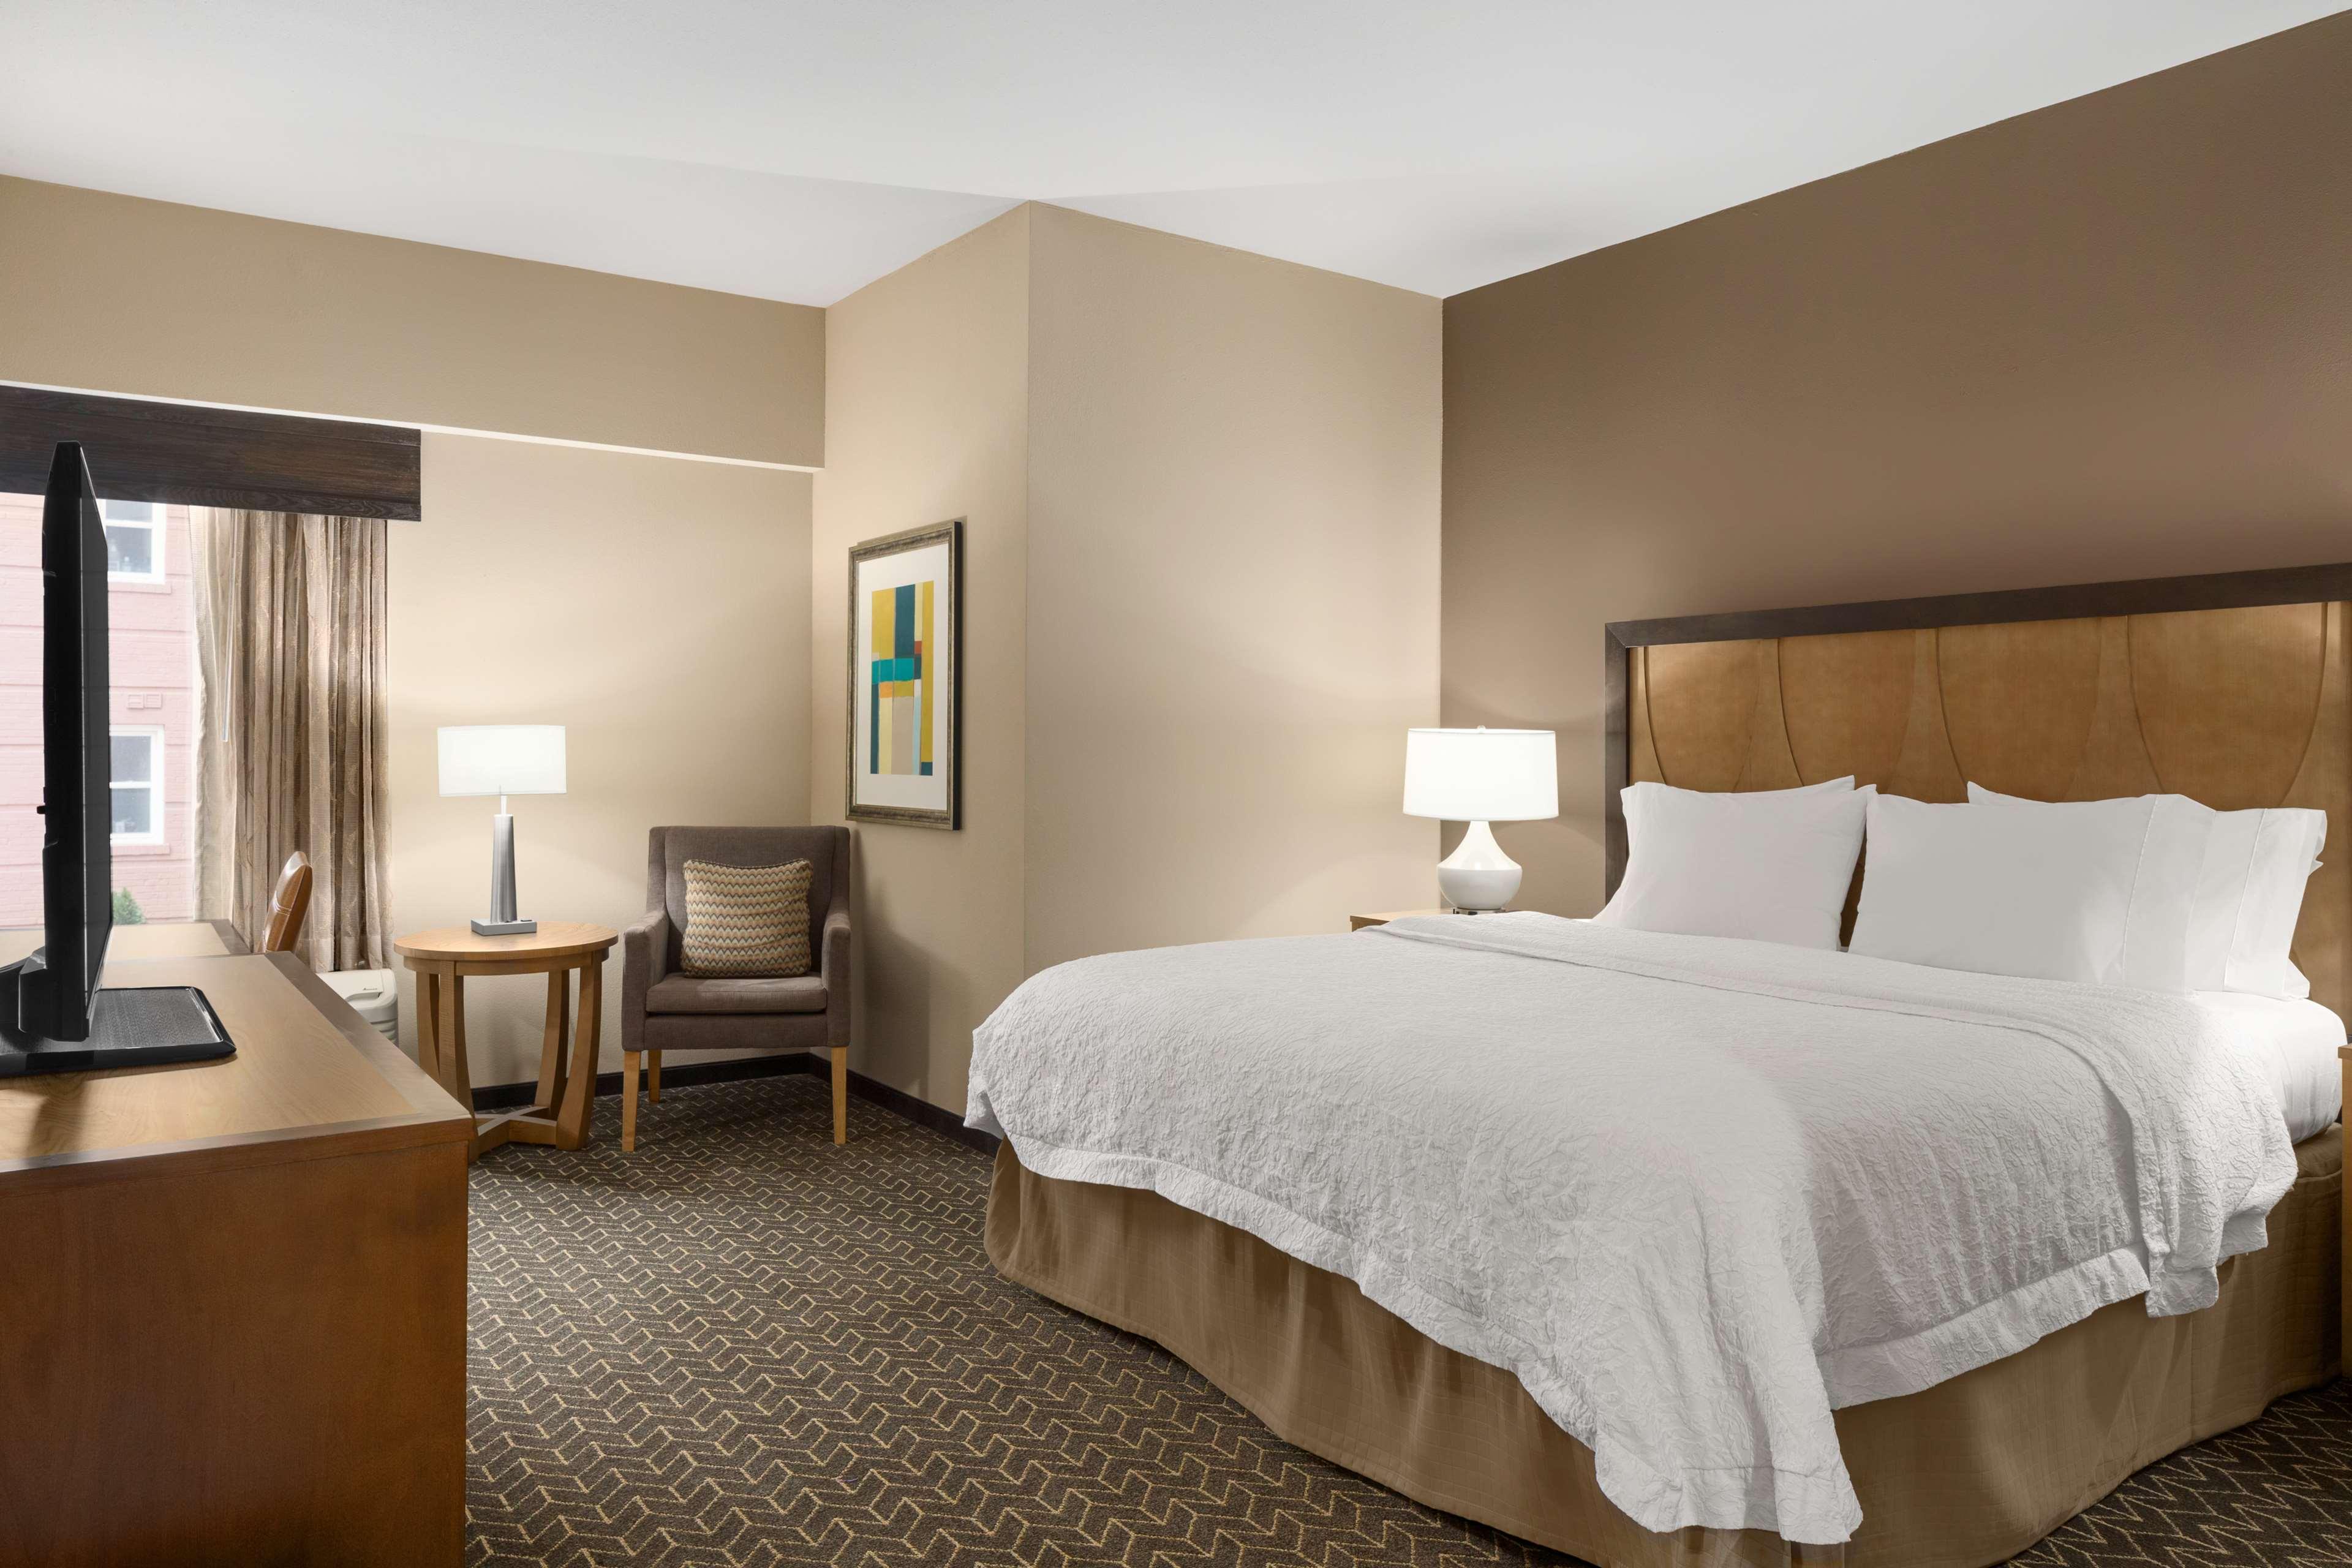 Hampton Inn and Suites Clayton/St Louis-Galleria Area image 18